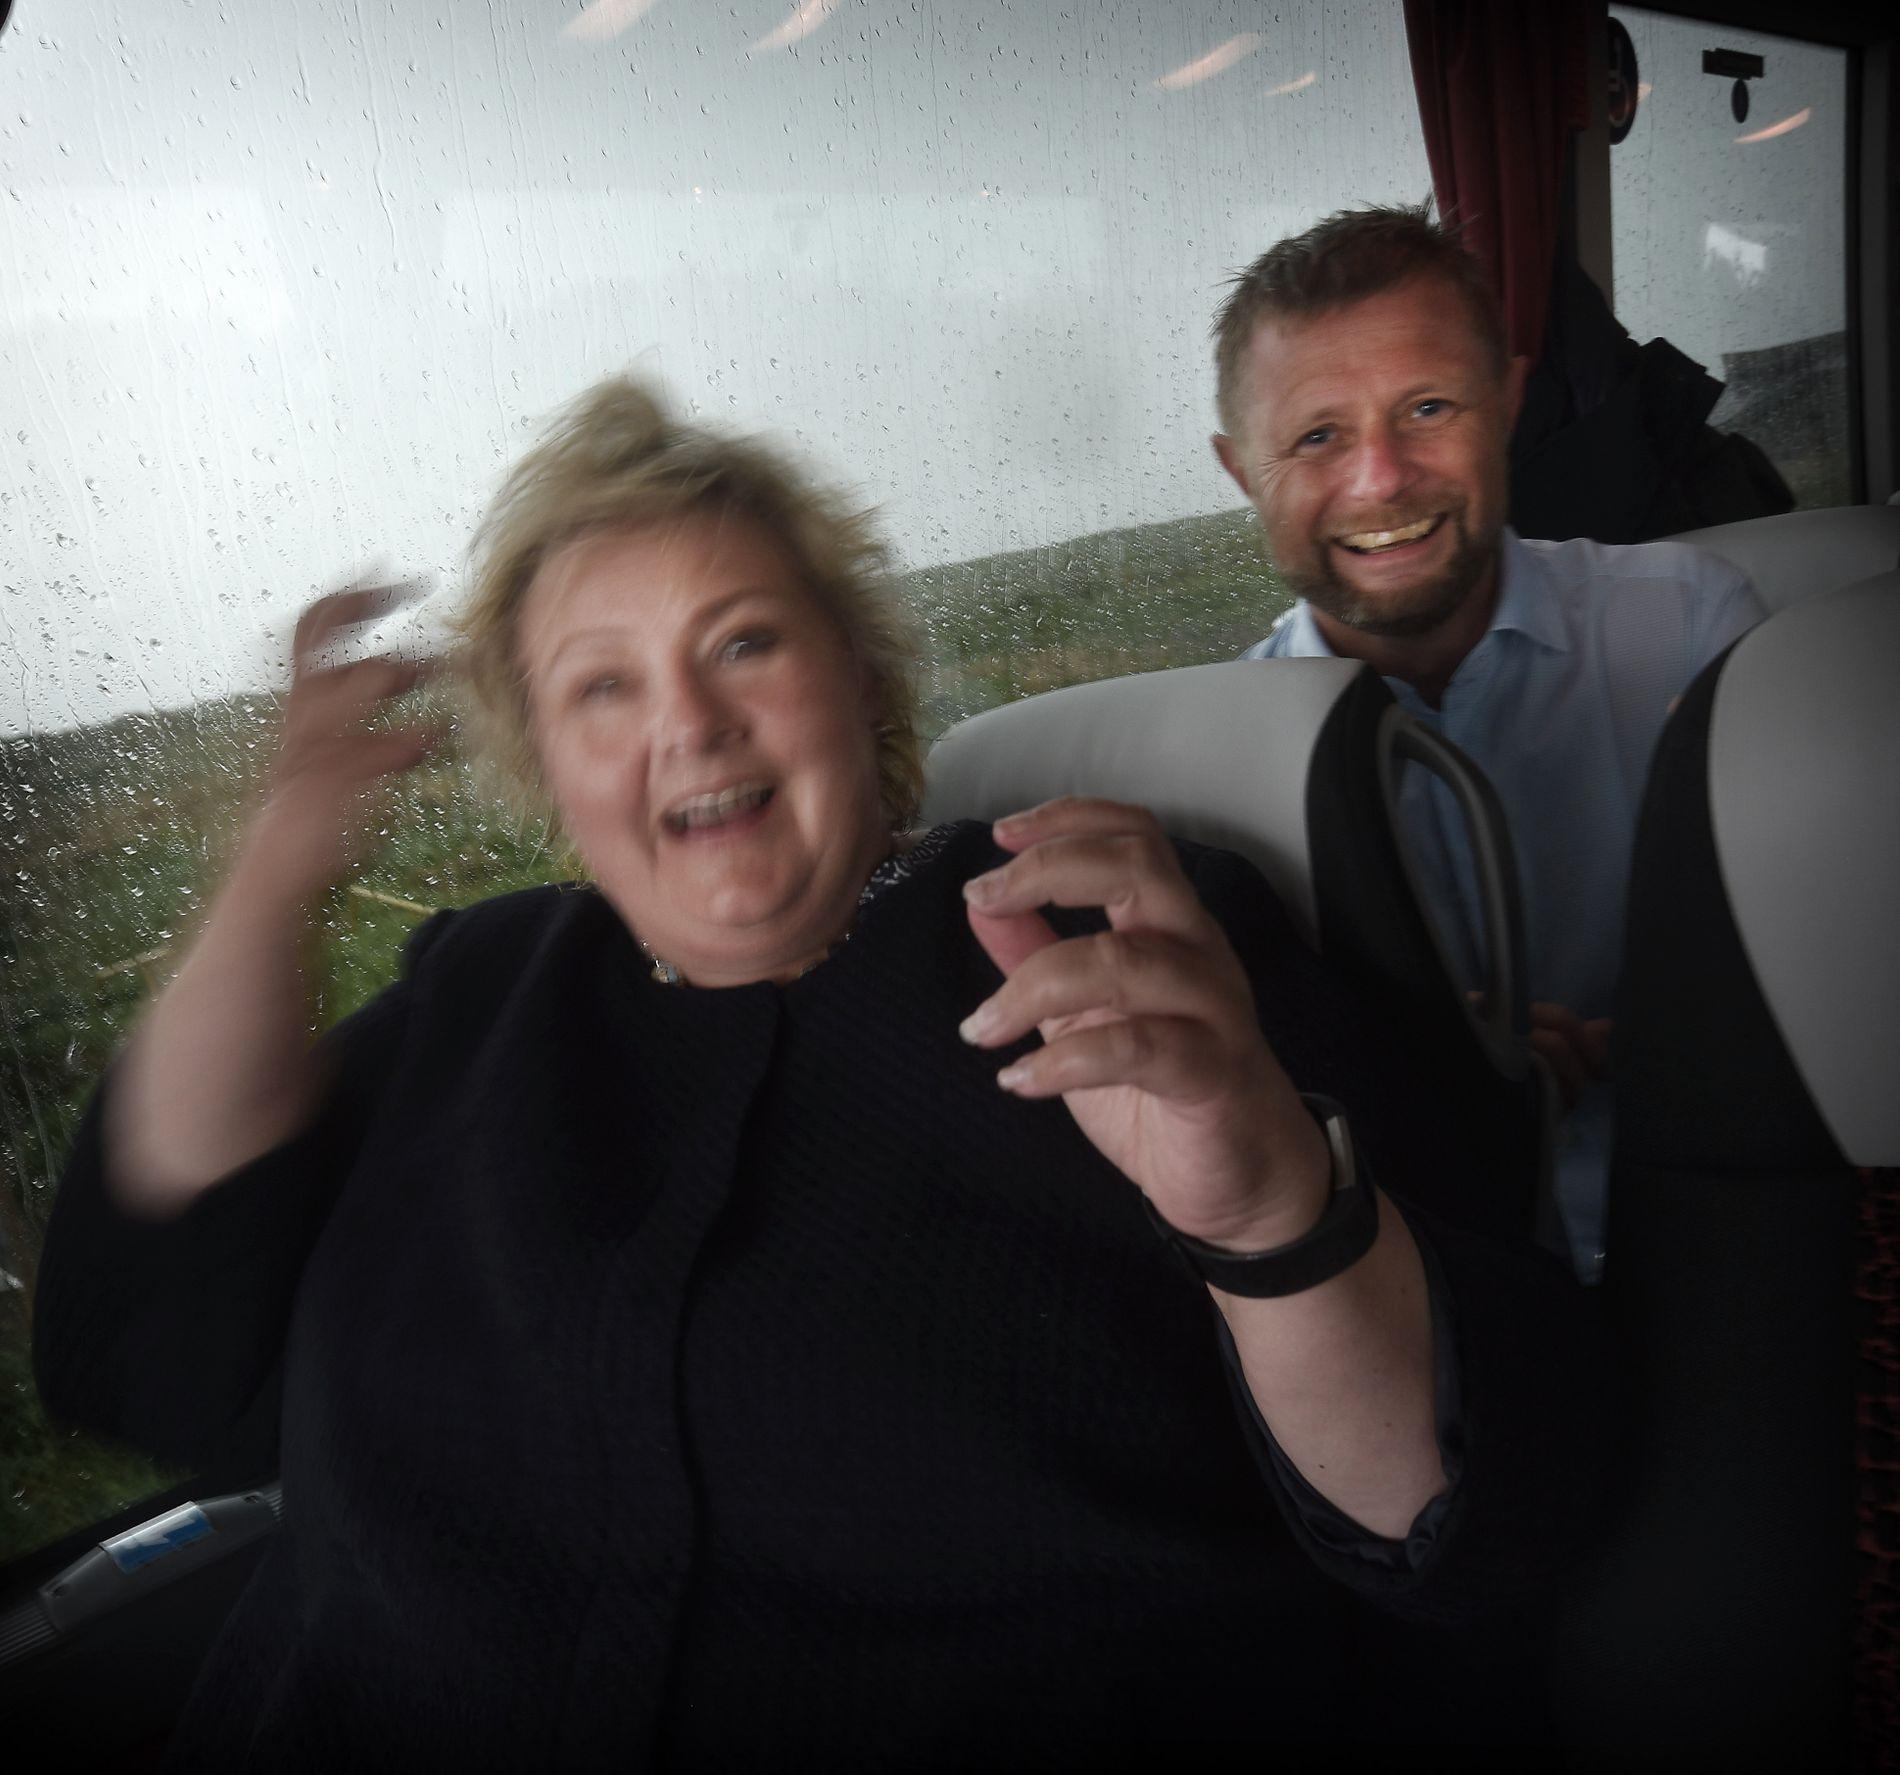 HÅRFINT: På vei tilbake til valgkampbussen åpnet himmelen seg og Solbergs hår fikk en kraftig regnskyll. Her får hun trøstende ord og hjelp fra helse- og (hår) omsorgsminister Bent Høie inne i bussen.